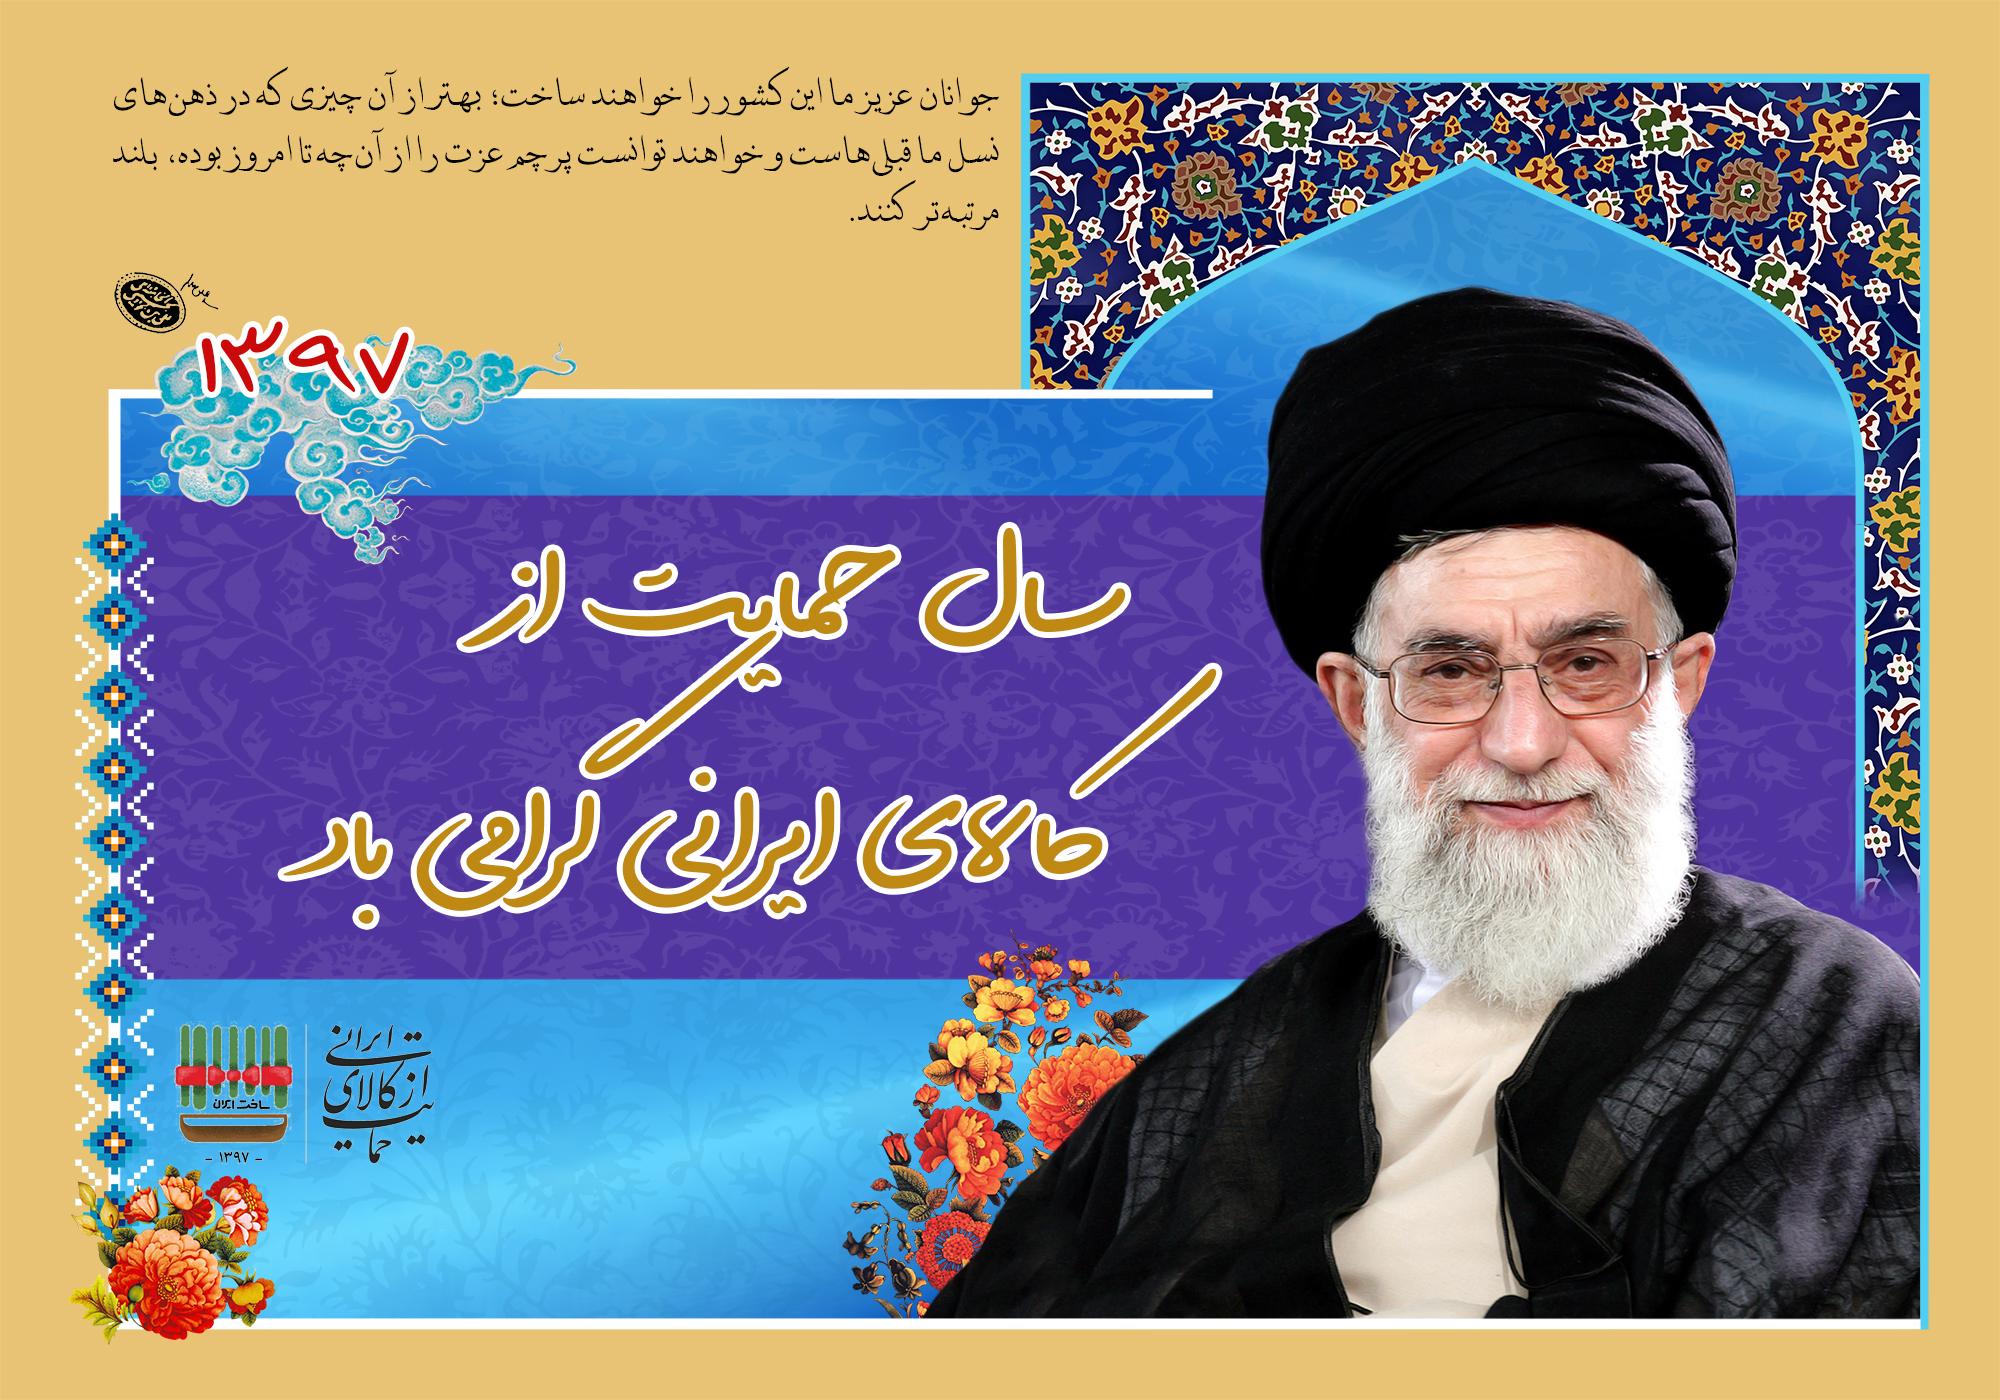 پوستر/ شعار سال ۹۷؛ حمایت از کالای ایرانی